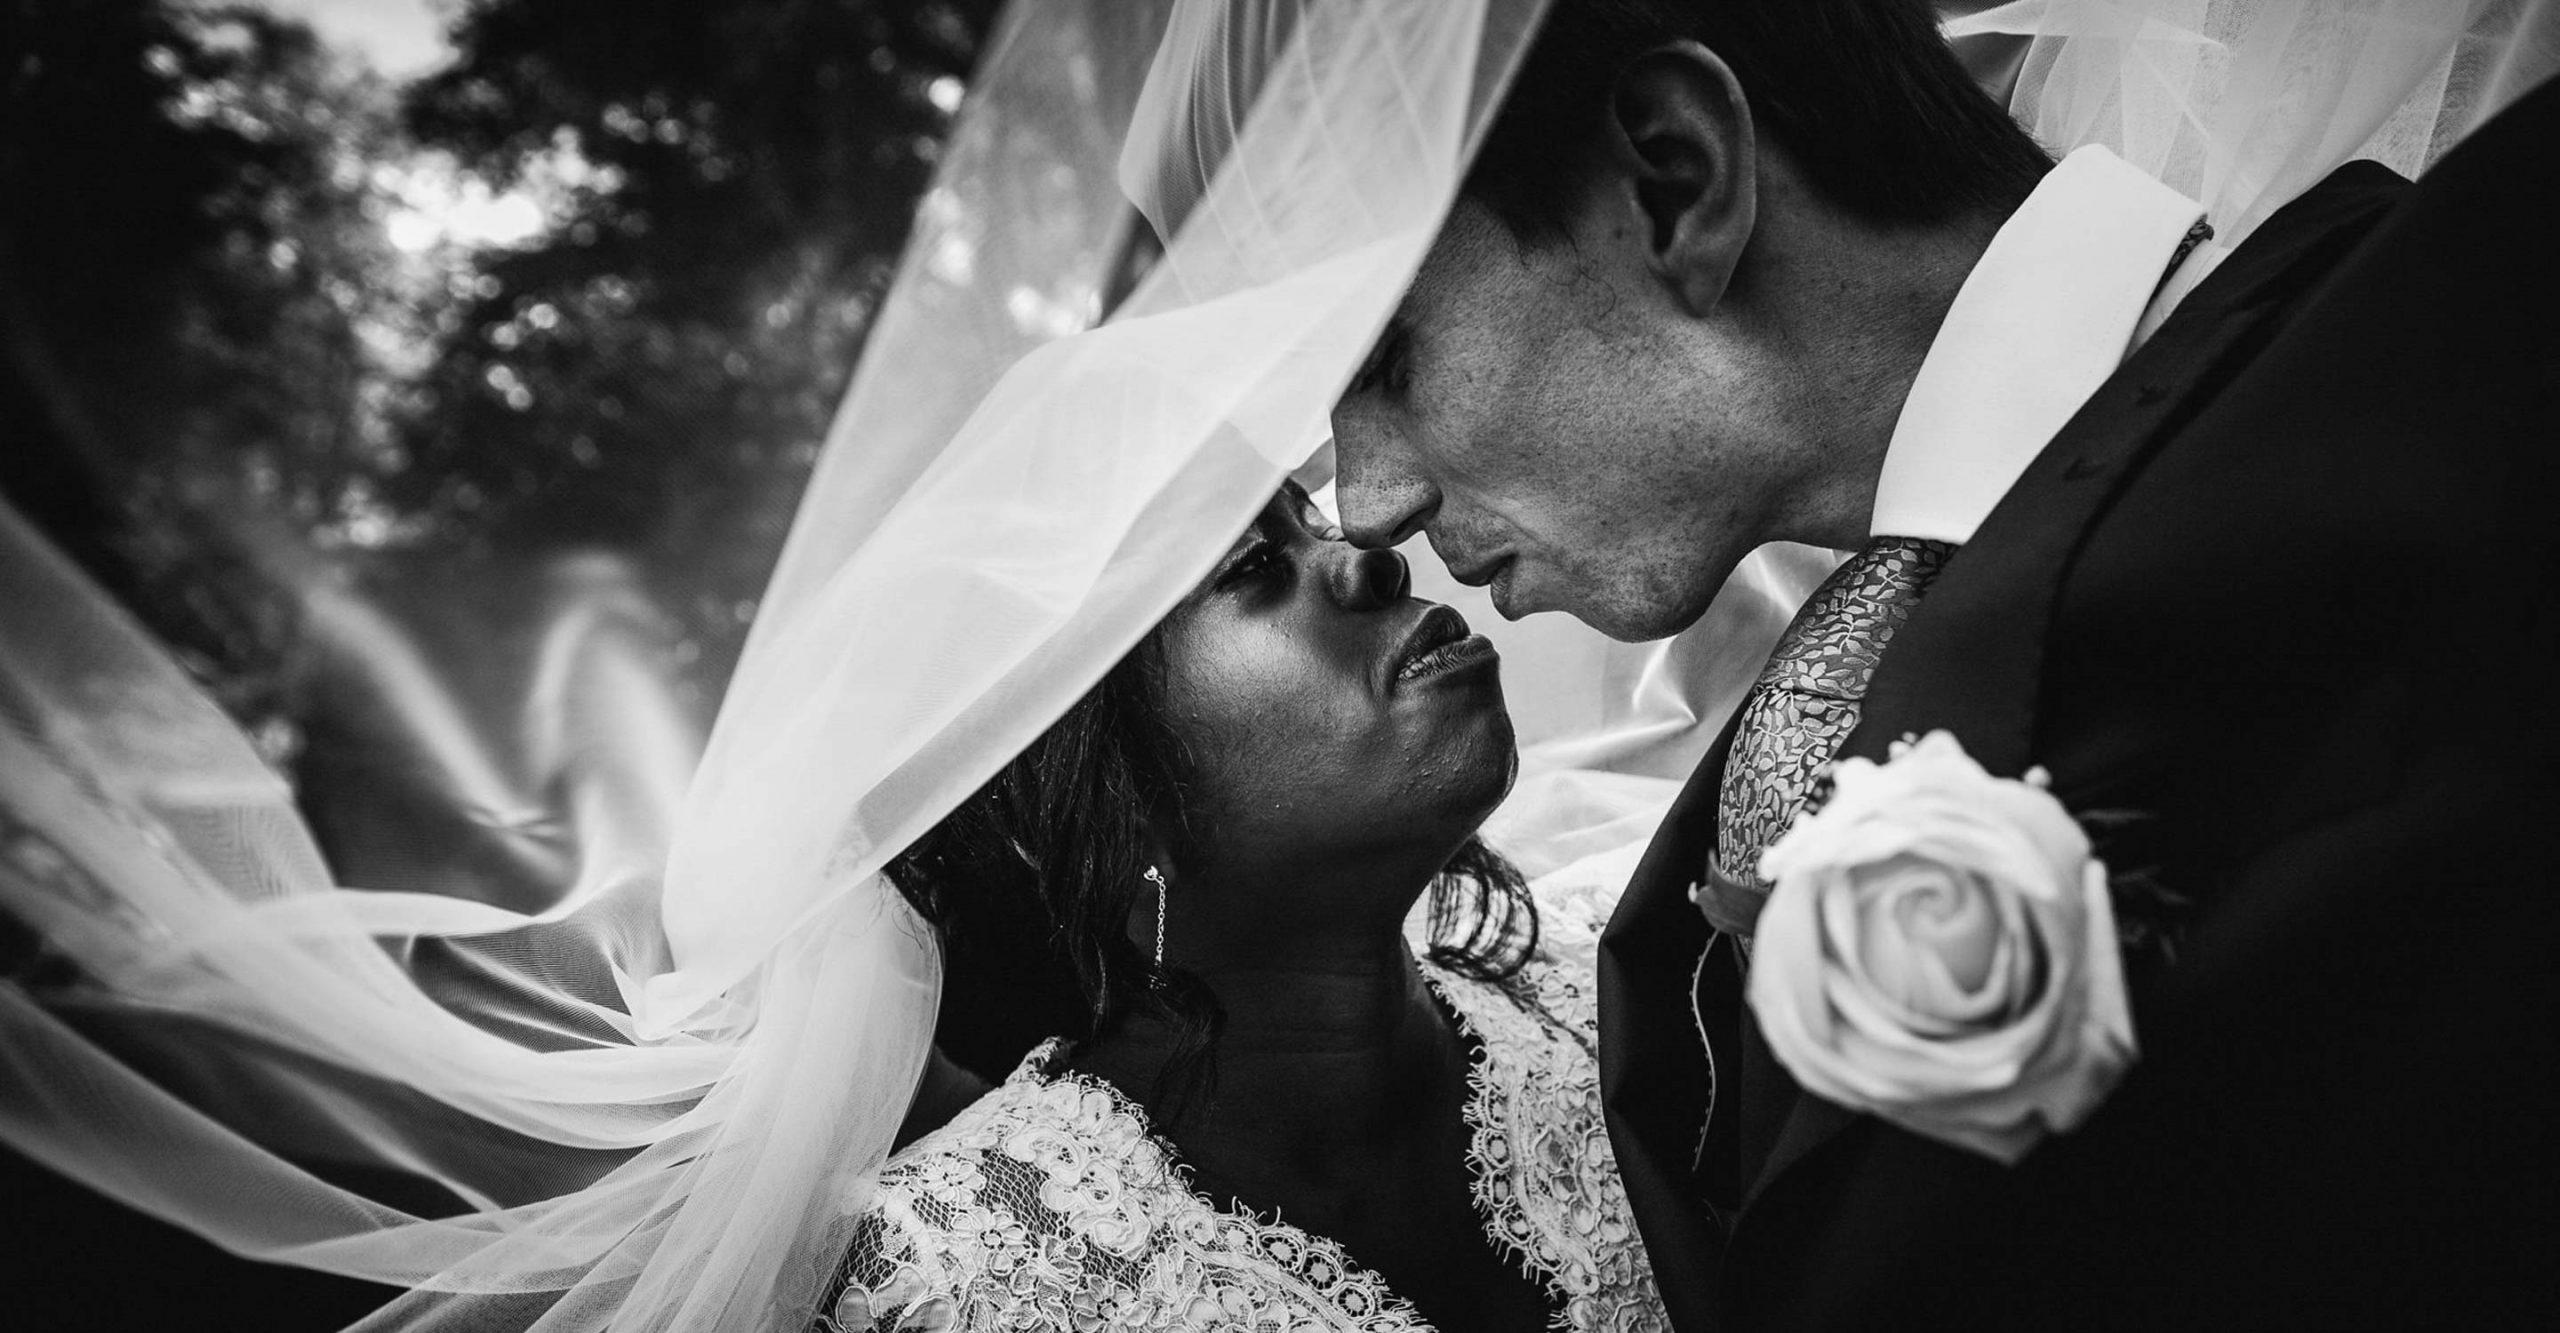 bride & groom under veil, hartnoll hotel wedding photographer in devon